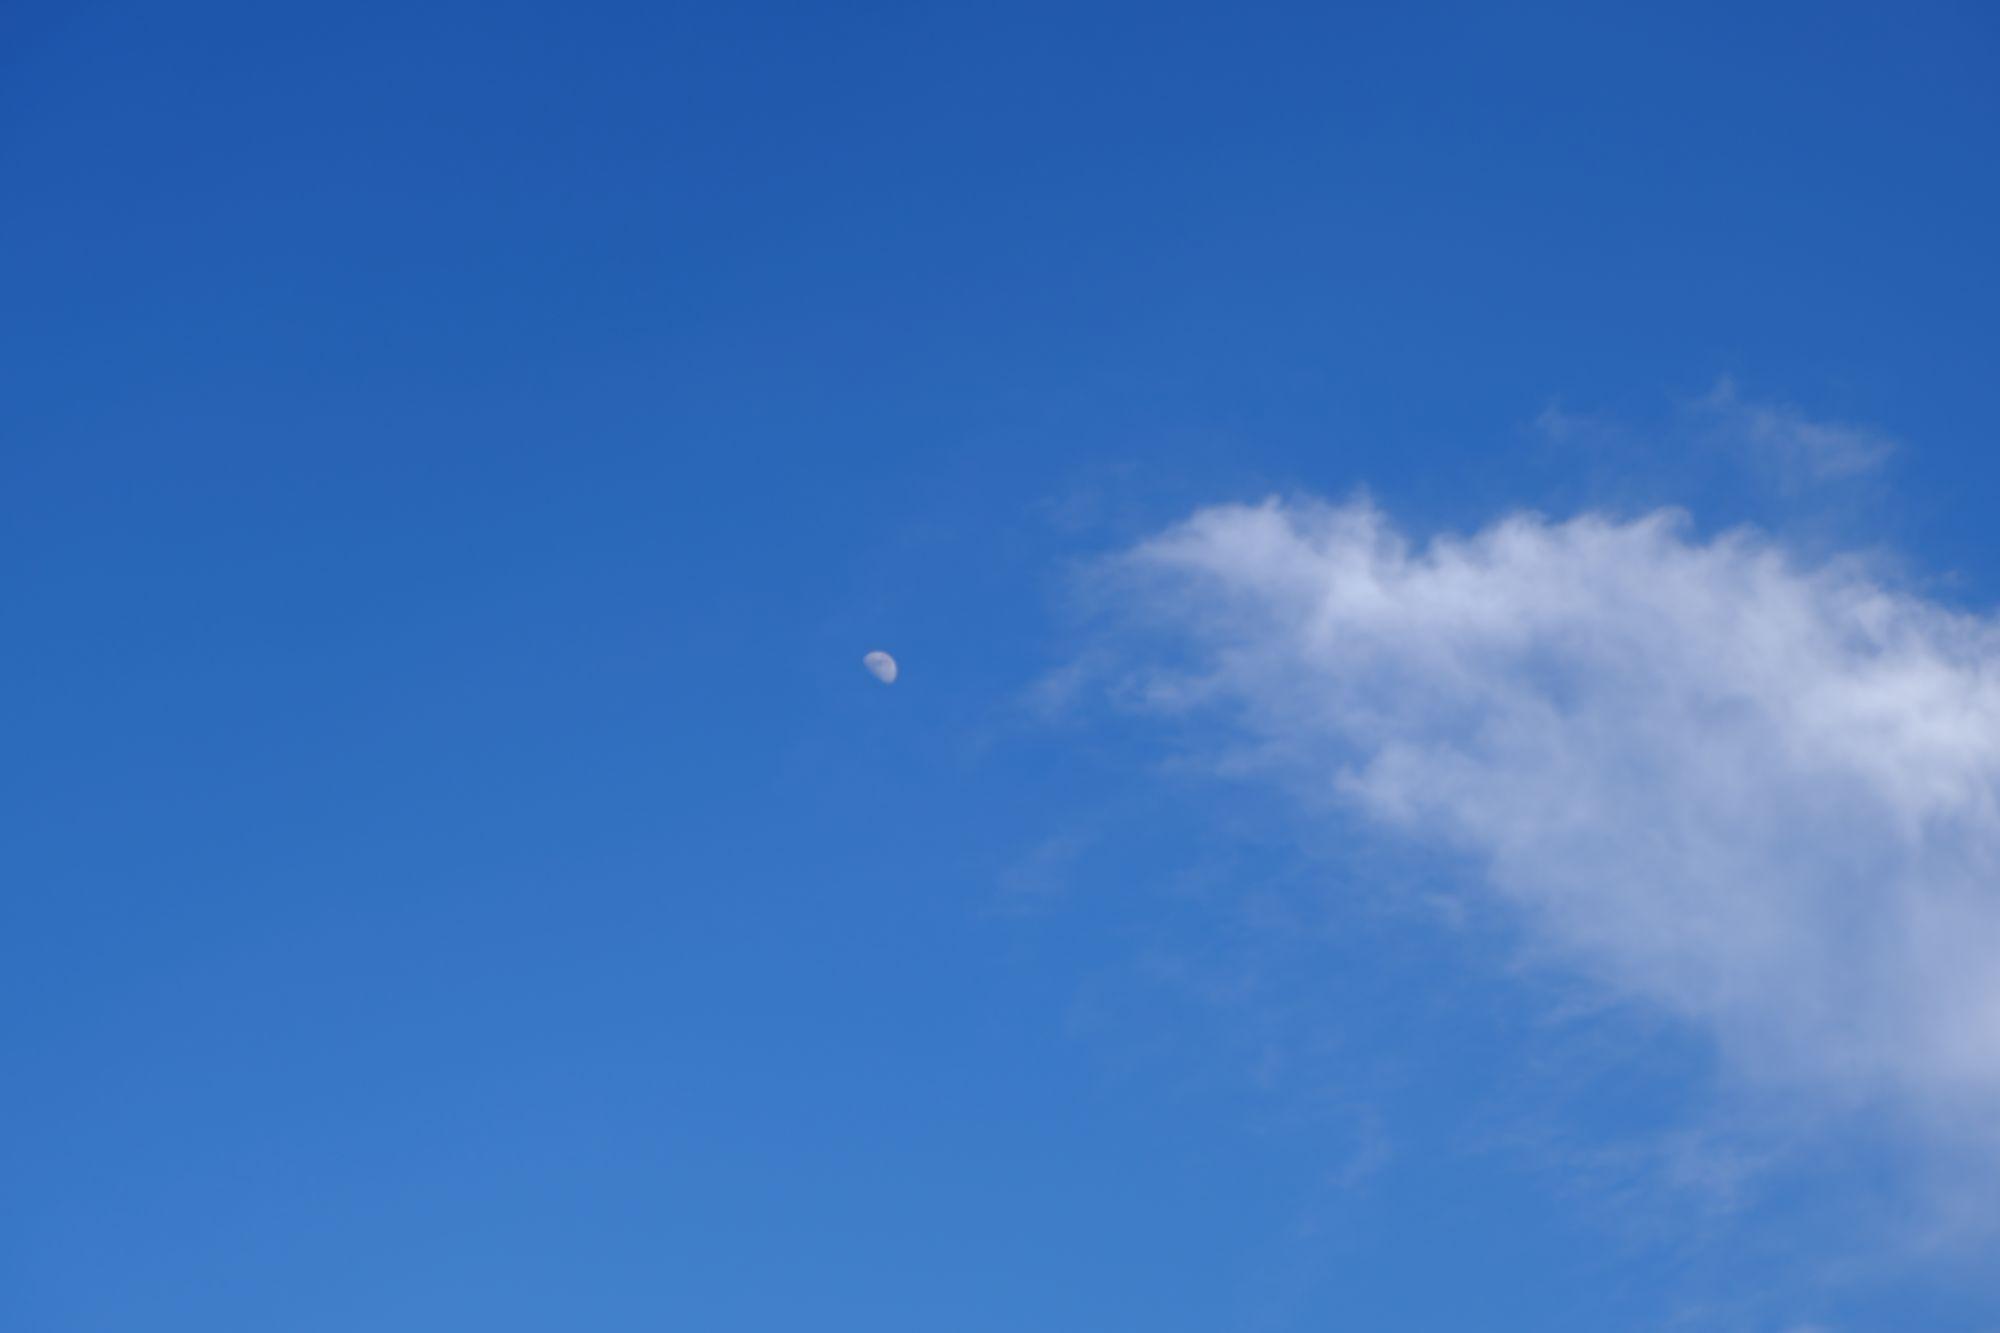 蓝天中的月亮照片 - 正版图片下载